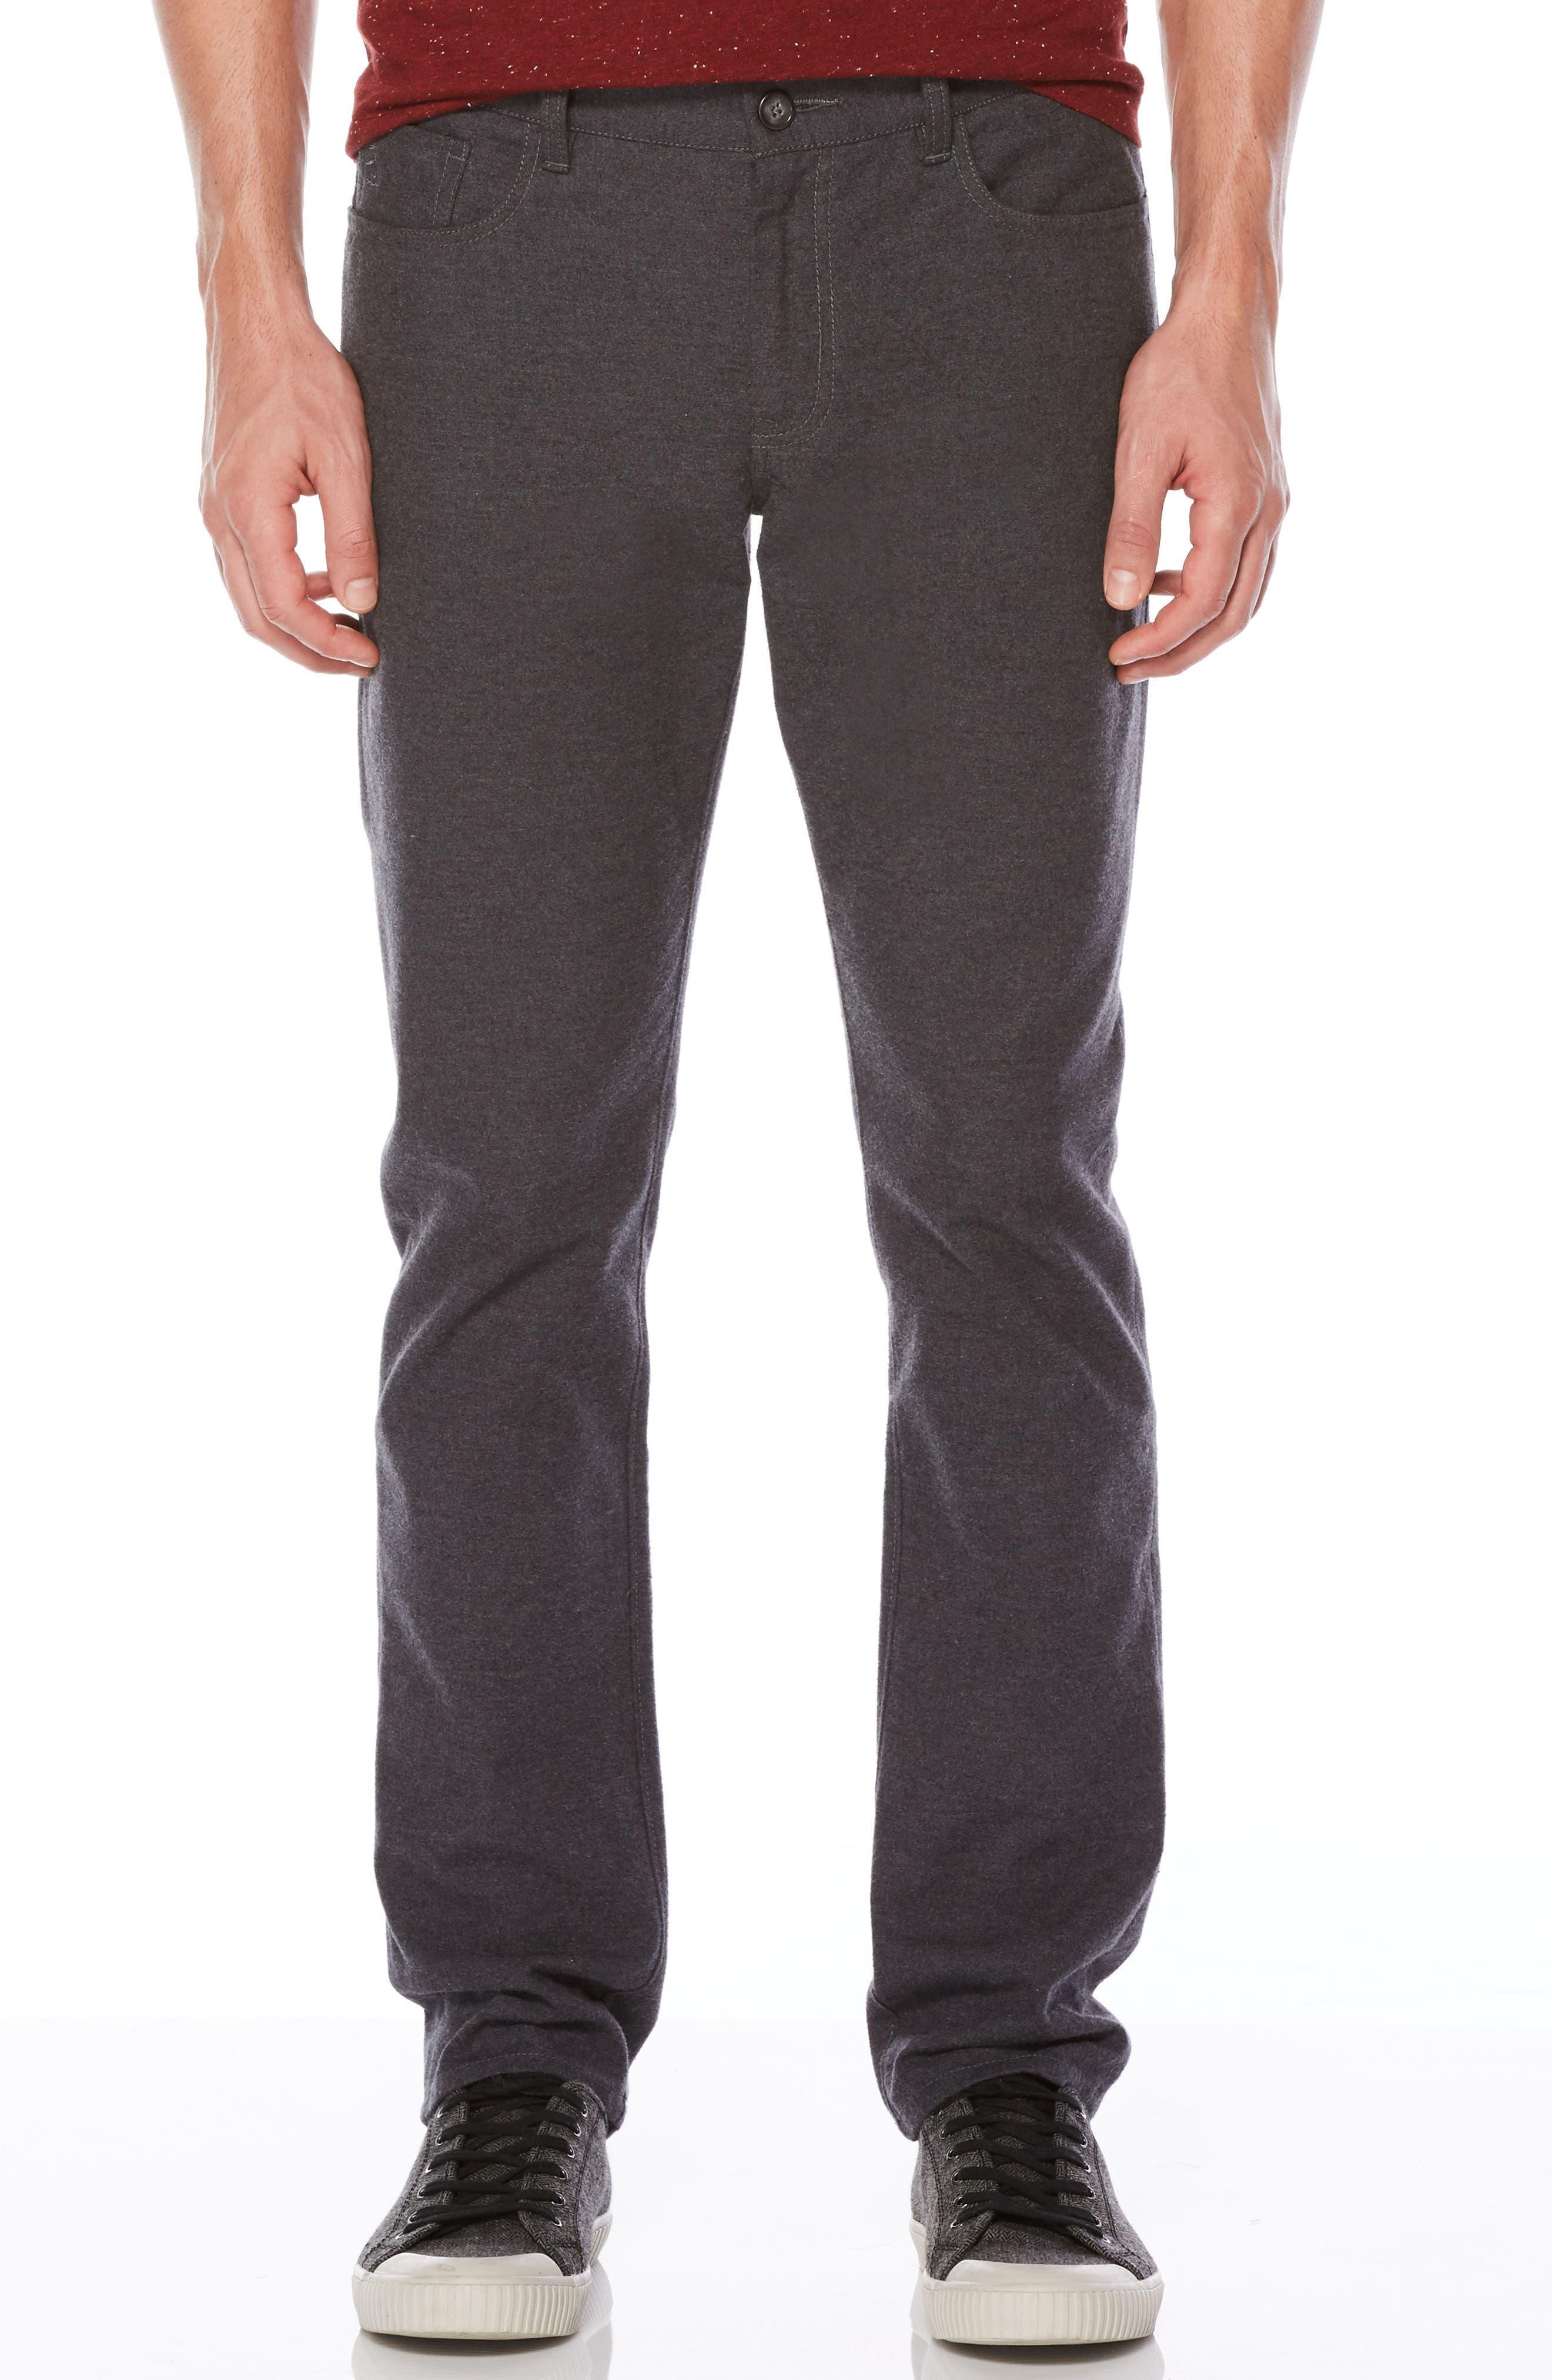 P55 Slim Fit Brushed Cotton Pants,                             Main thumbnail 1, color,                             022